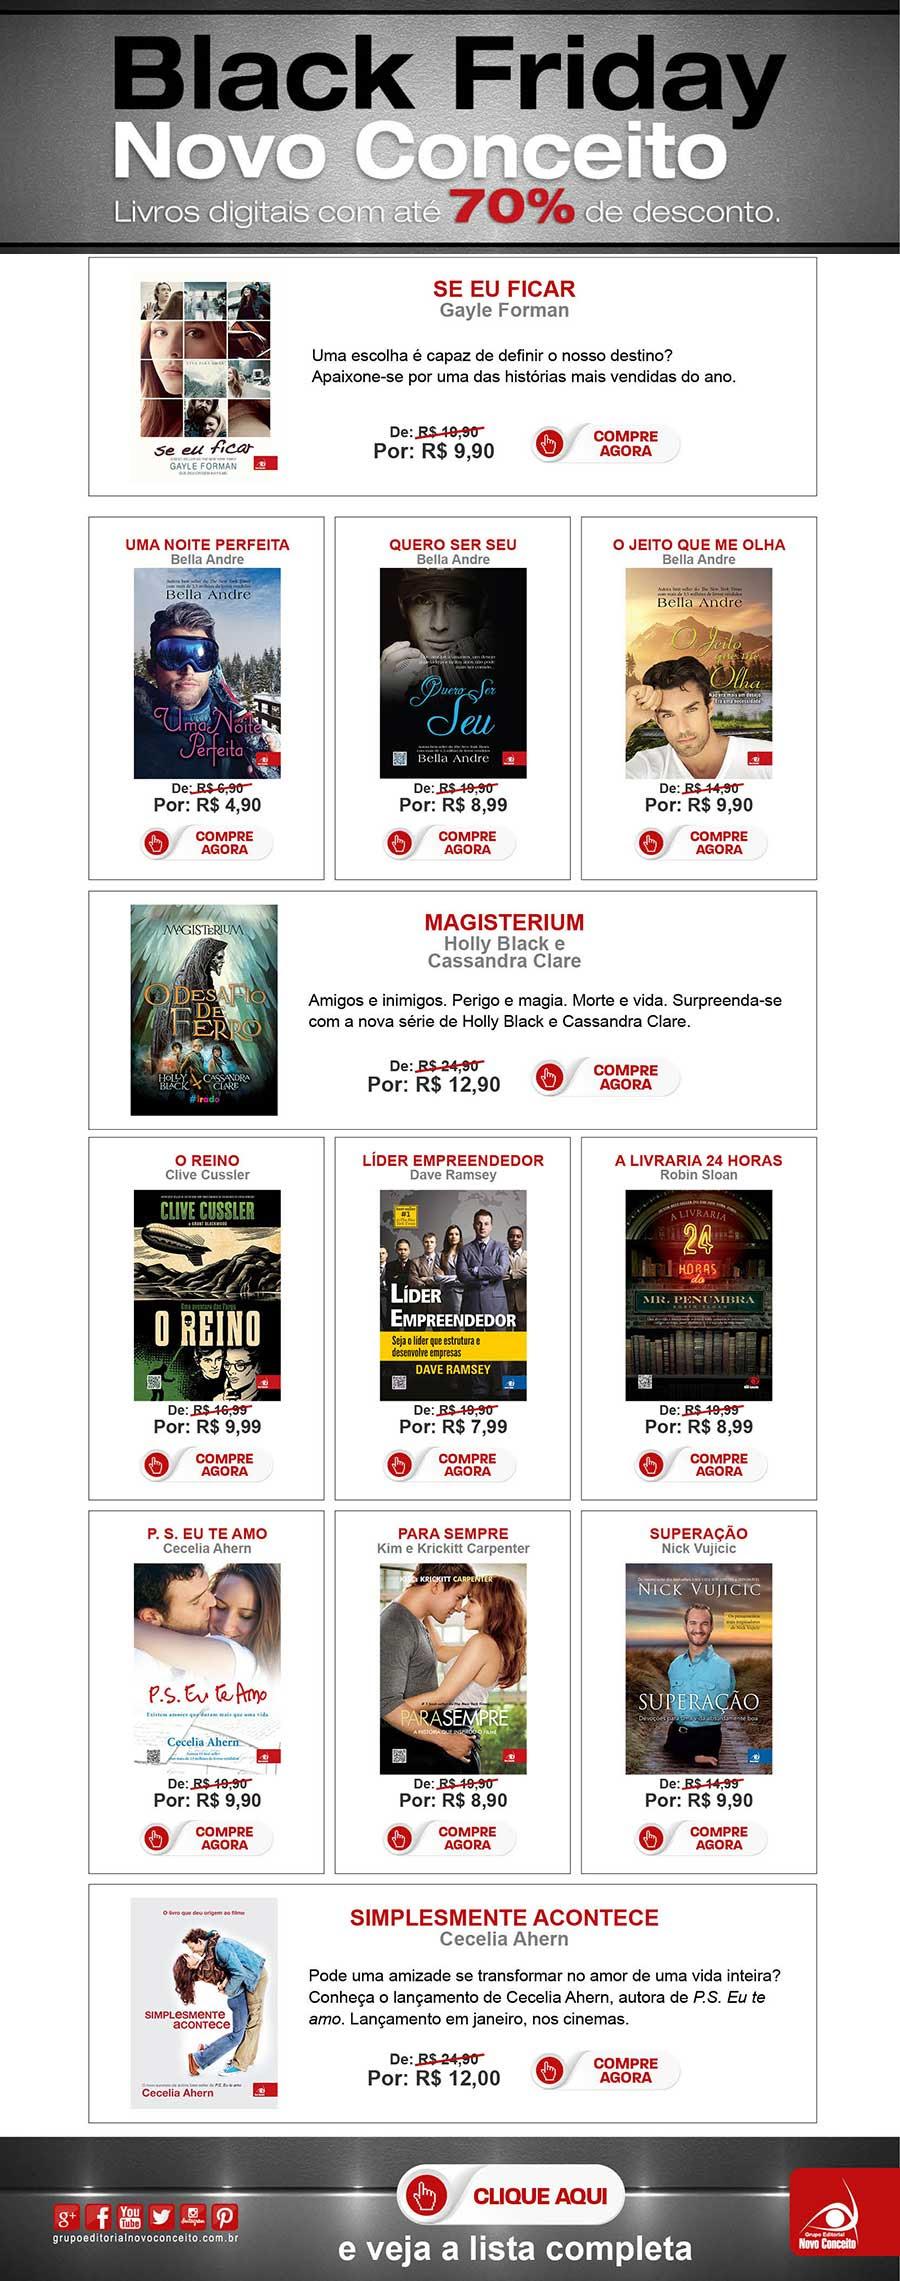 Black Friday Novo Conceito. Livros digitais com preço especial